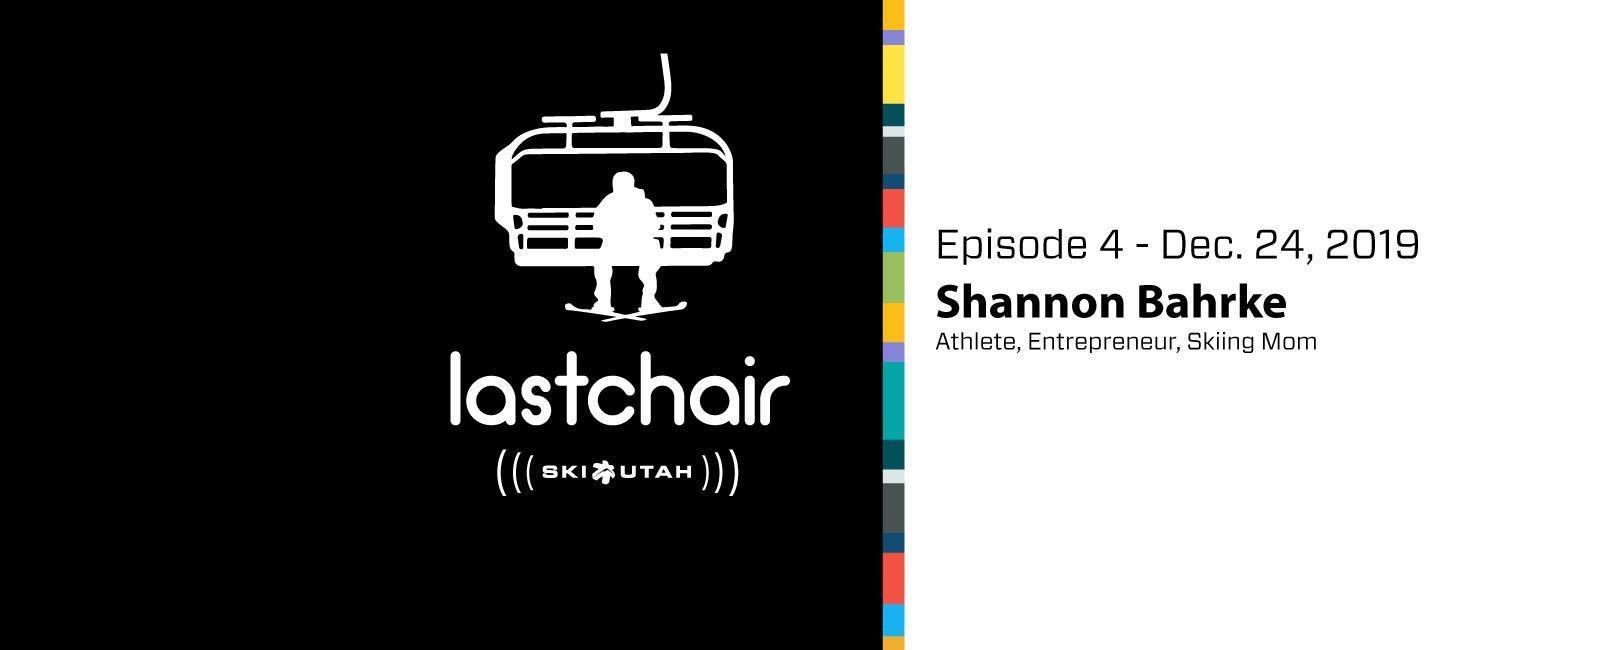 Shannon Bahrke: Athlete, Entrepreneur, Skiing Mom